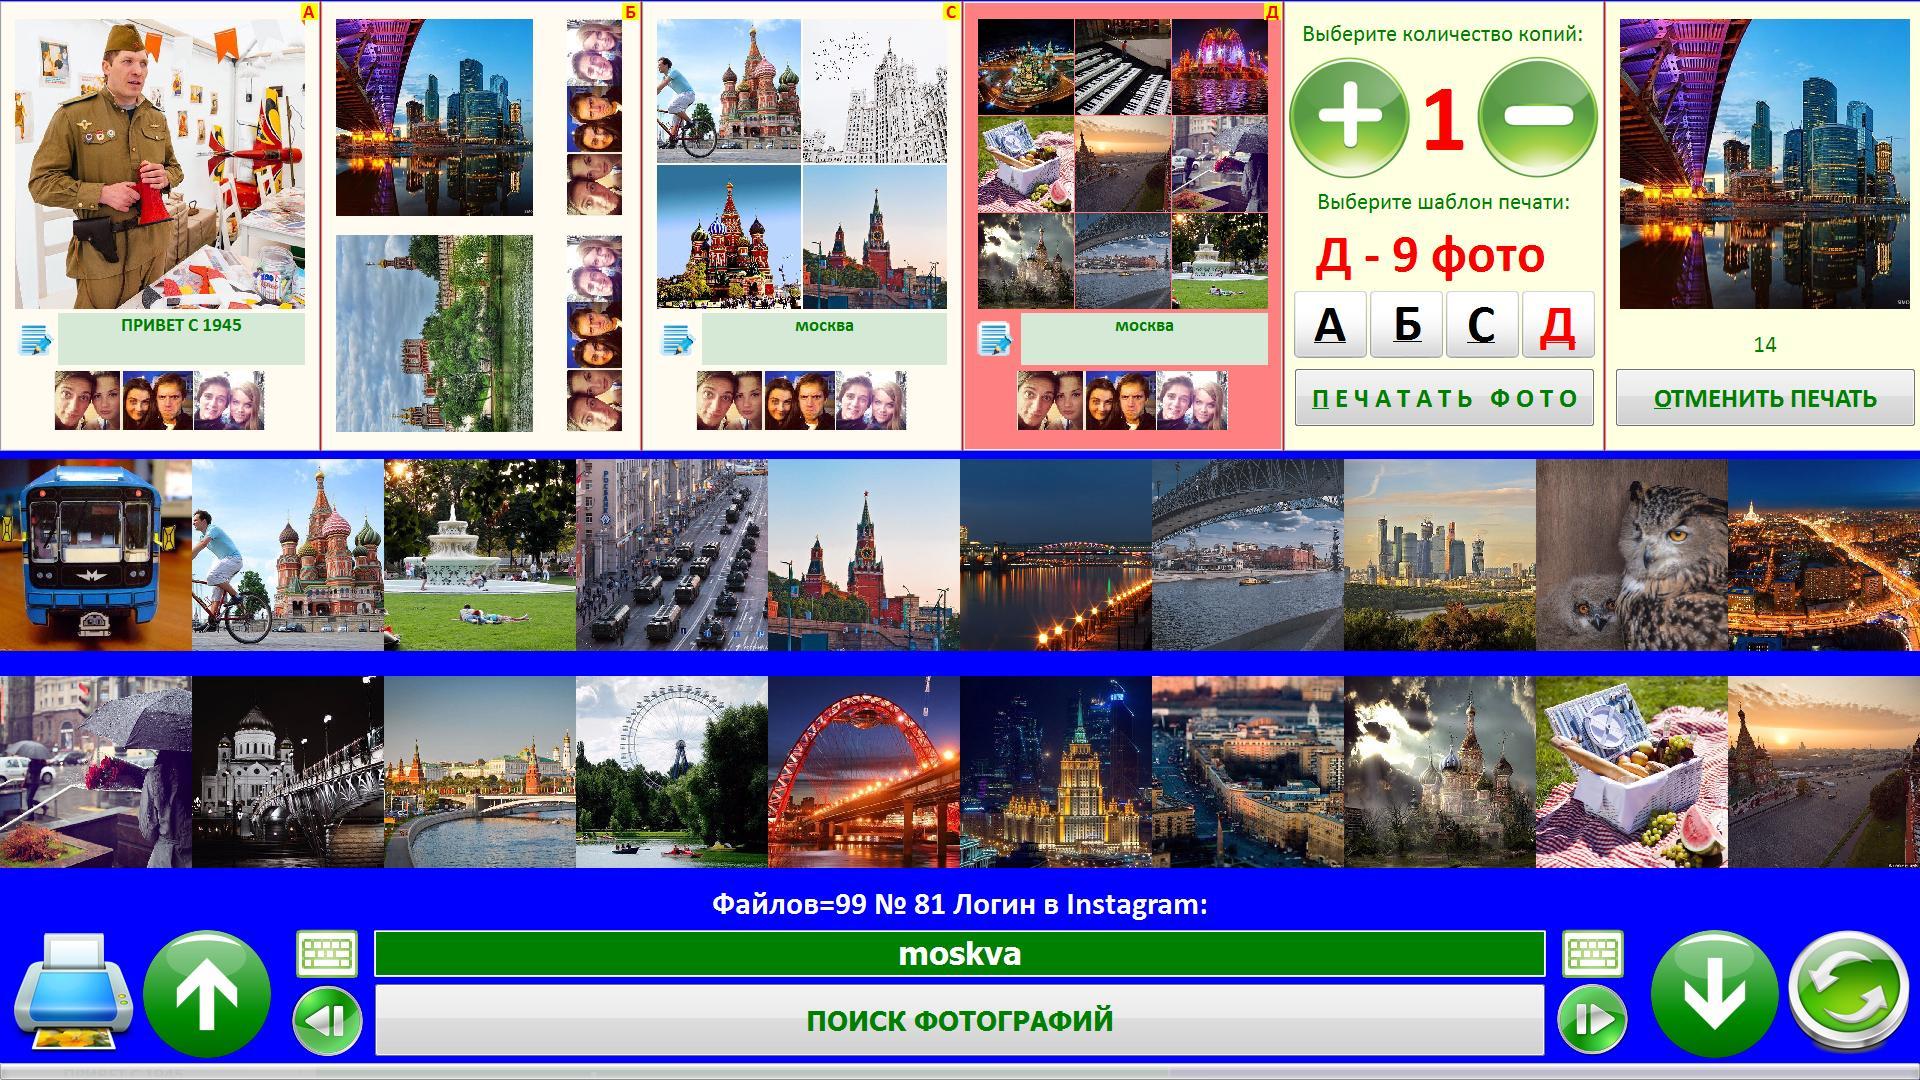 Инстаграммавтомат печать фото в 5 шаблонах